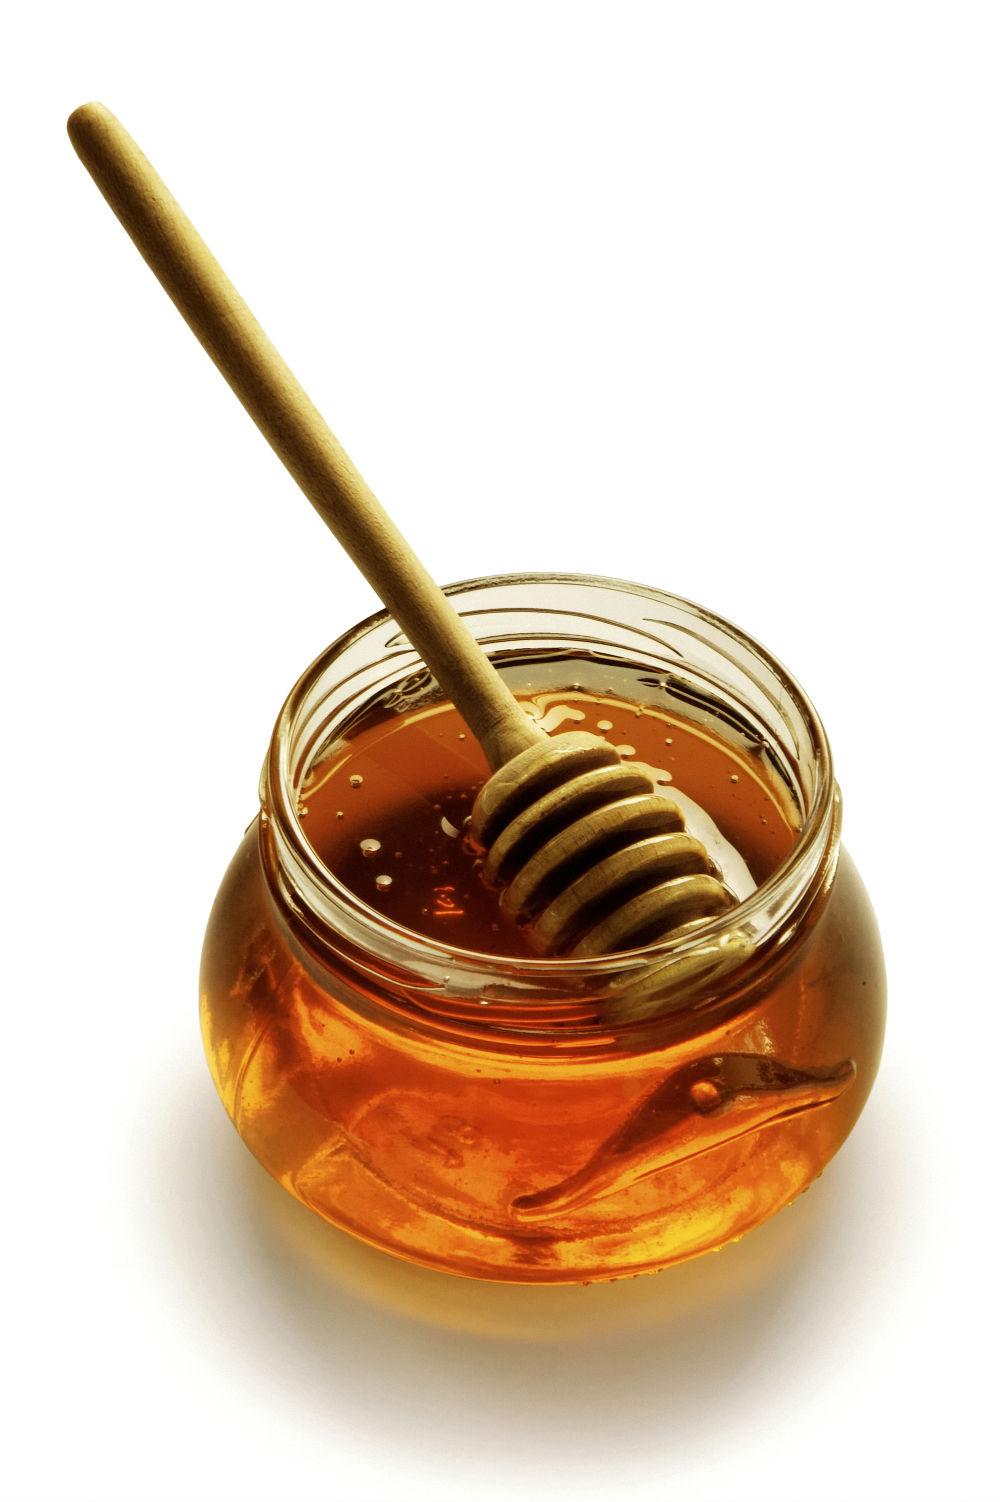 med je prirodni ovlaživač što znači da privlači i zadržava vlagu ...